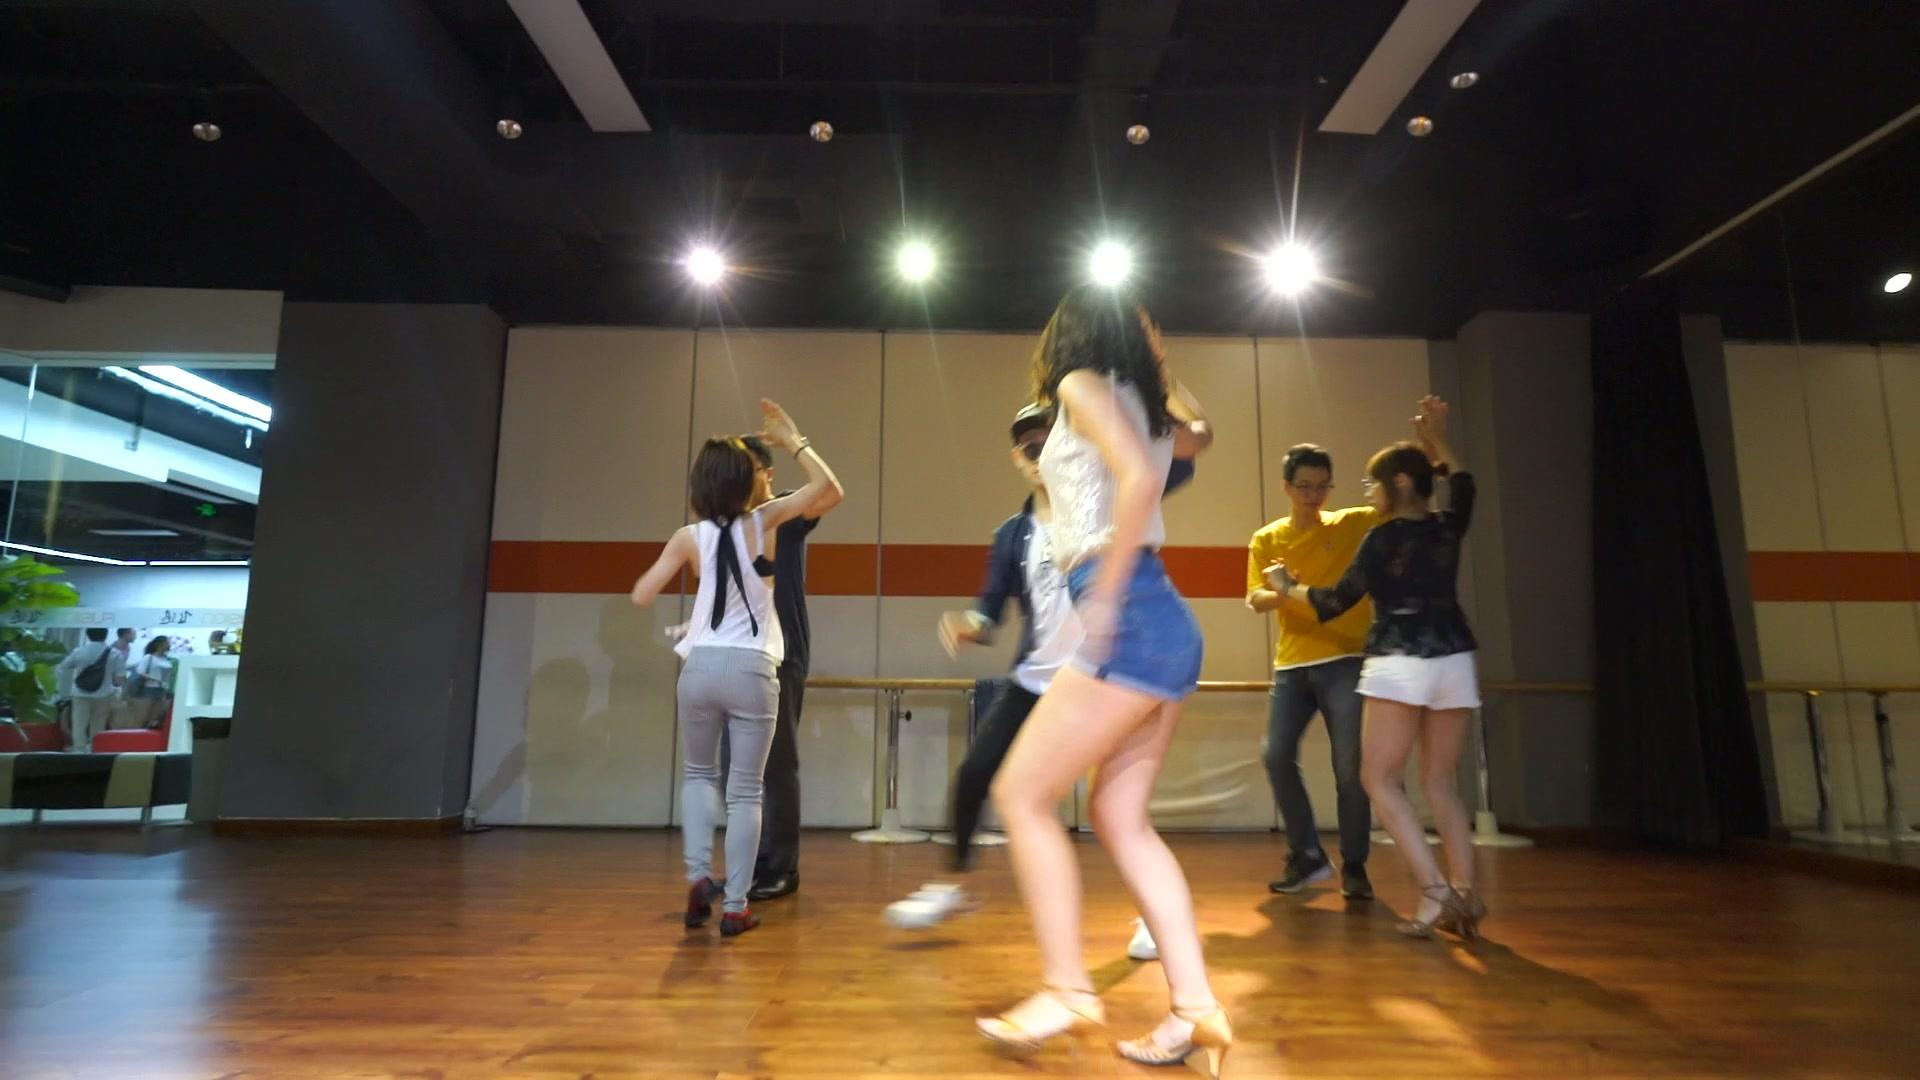 简单易学容易上手的舞蹈,看基本步就很简单,老师的墨镜很骚气